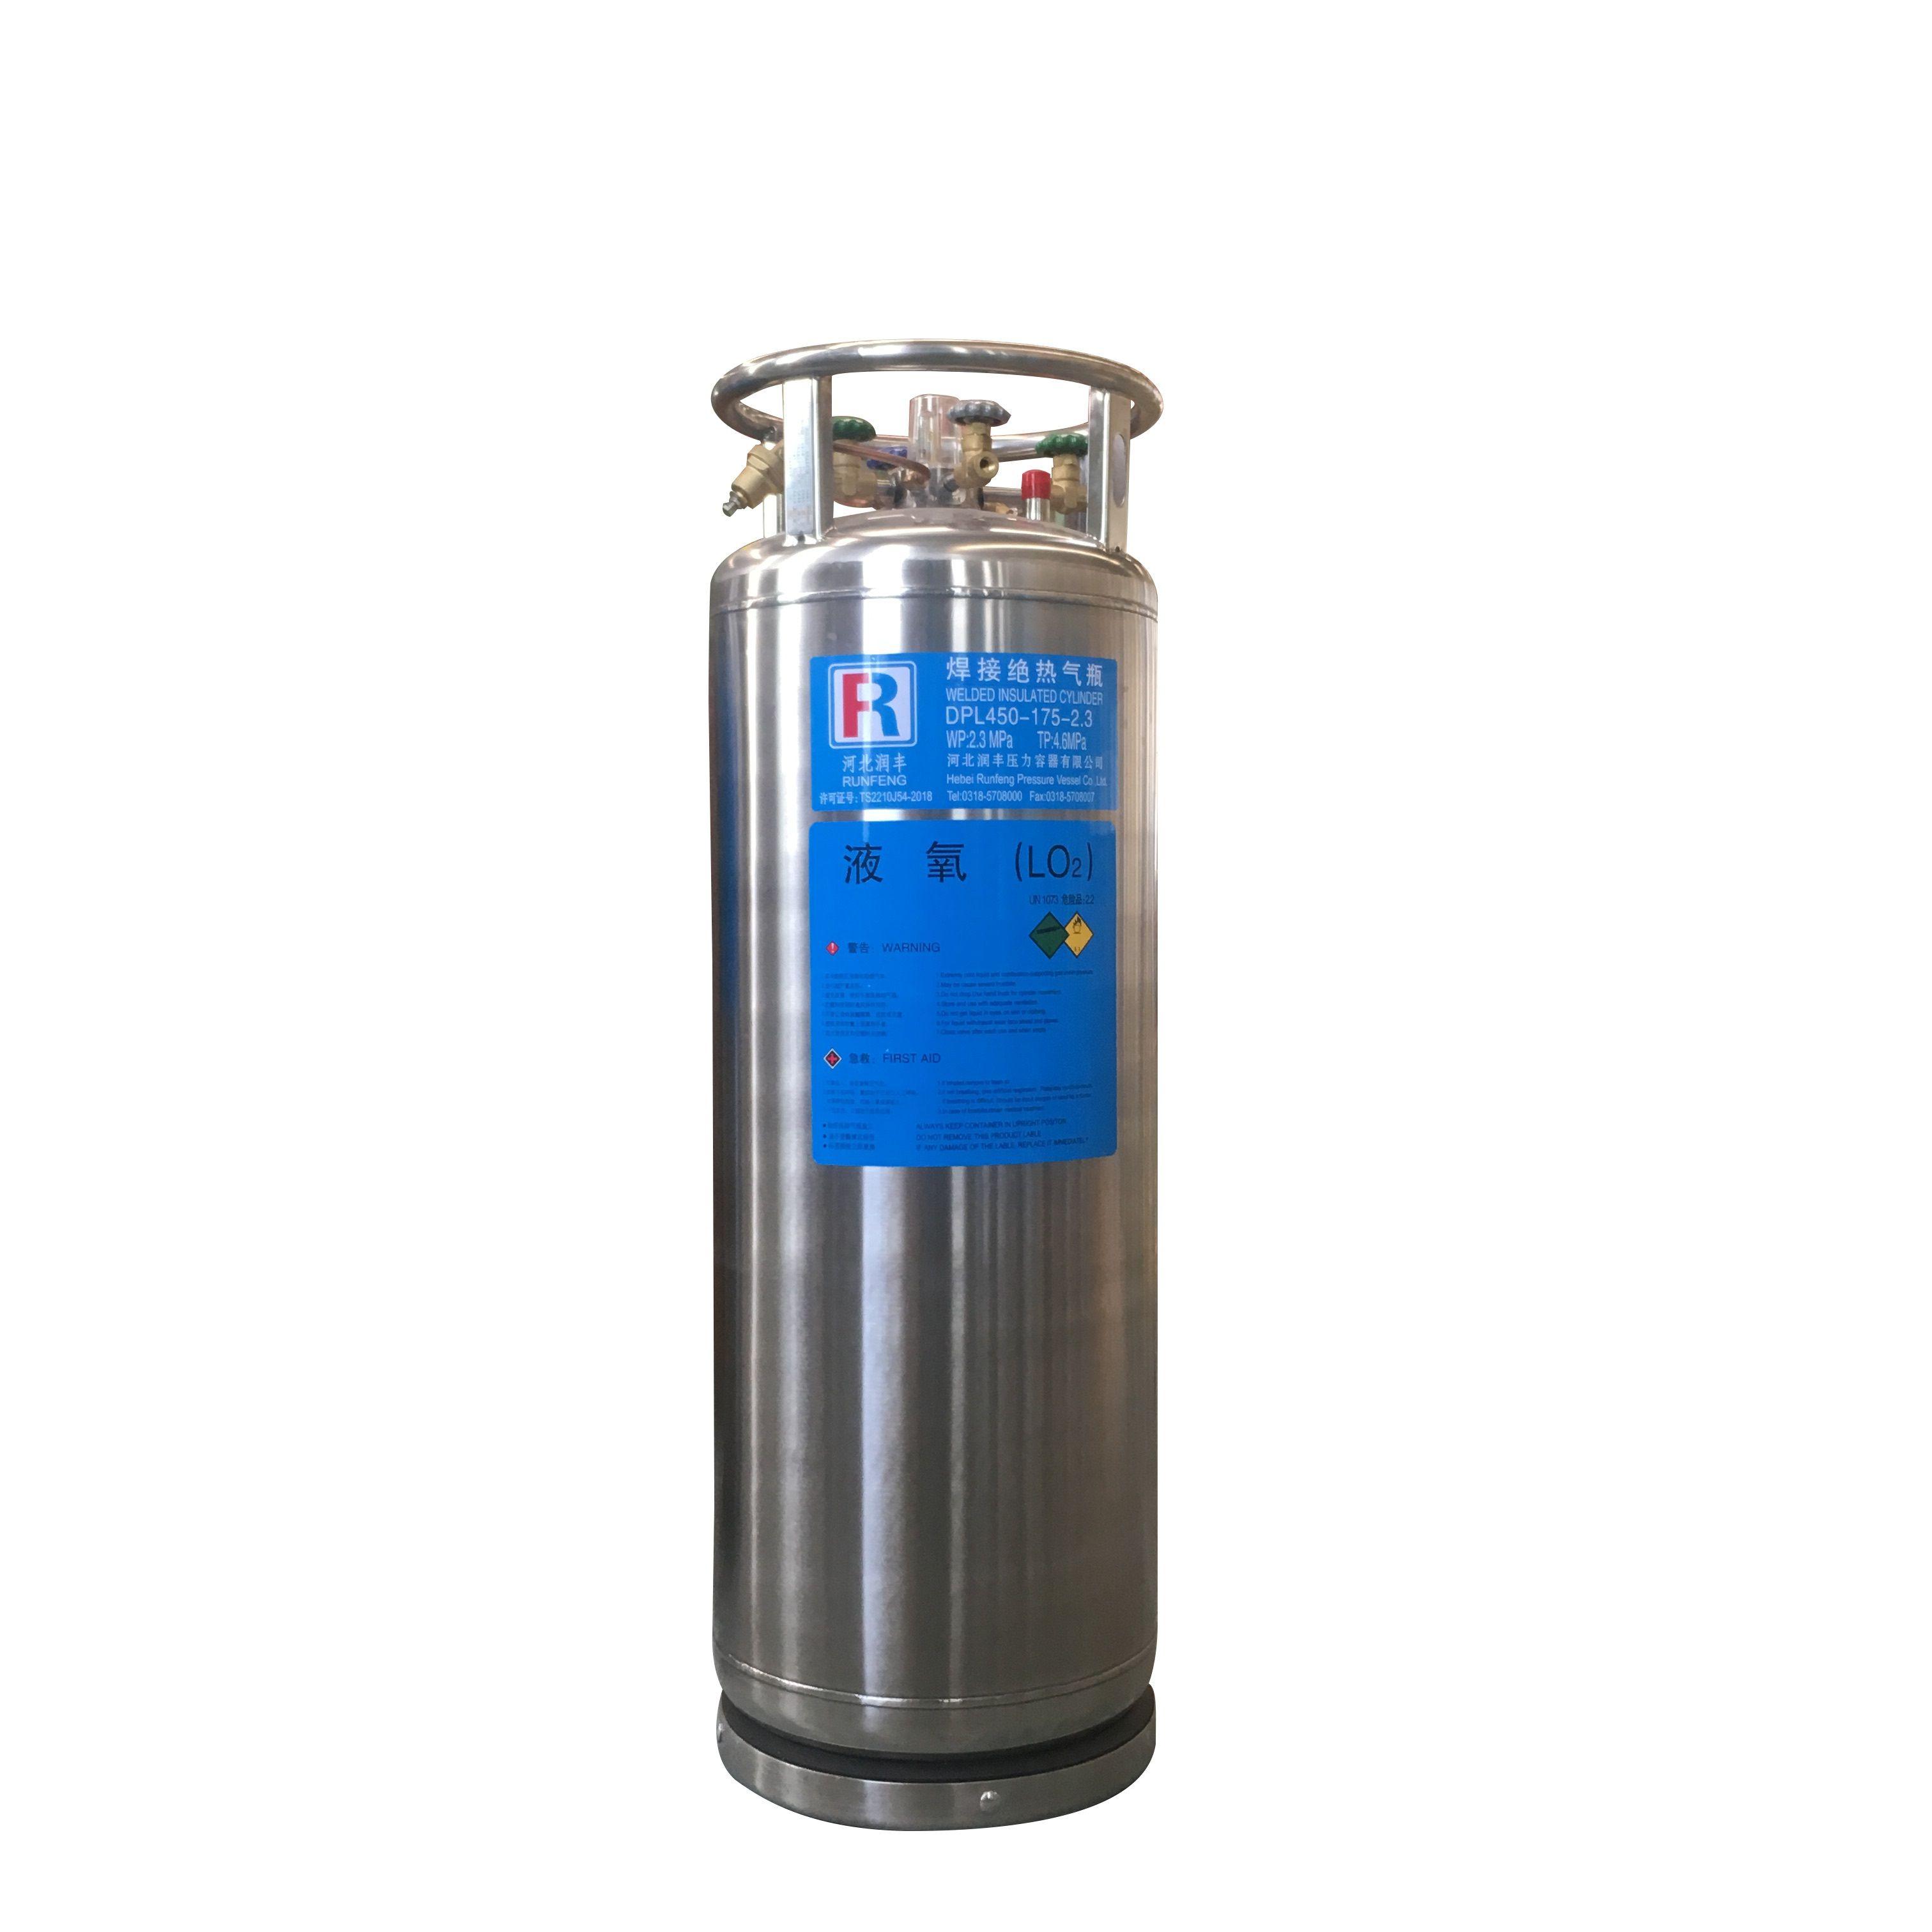 Sales01 Rfdewar Com Runfeng Cryogenic Cylinder Kriogennyj Cilindr Kriocilindr Liquid Oxygen Dewar Cryogenic